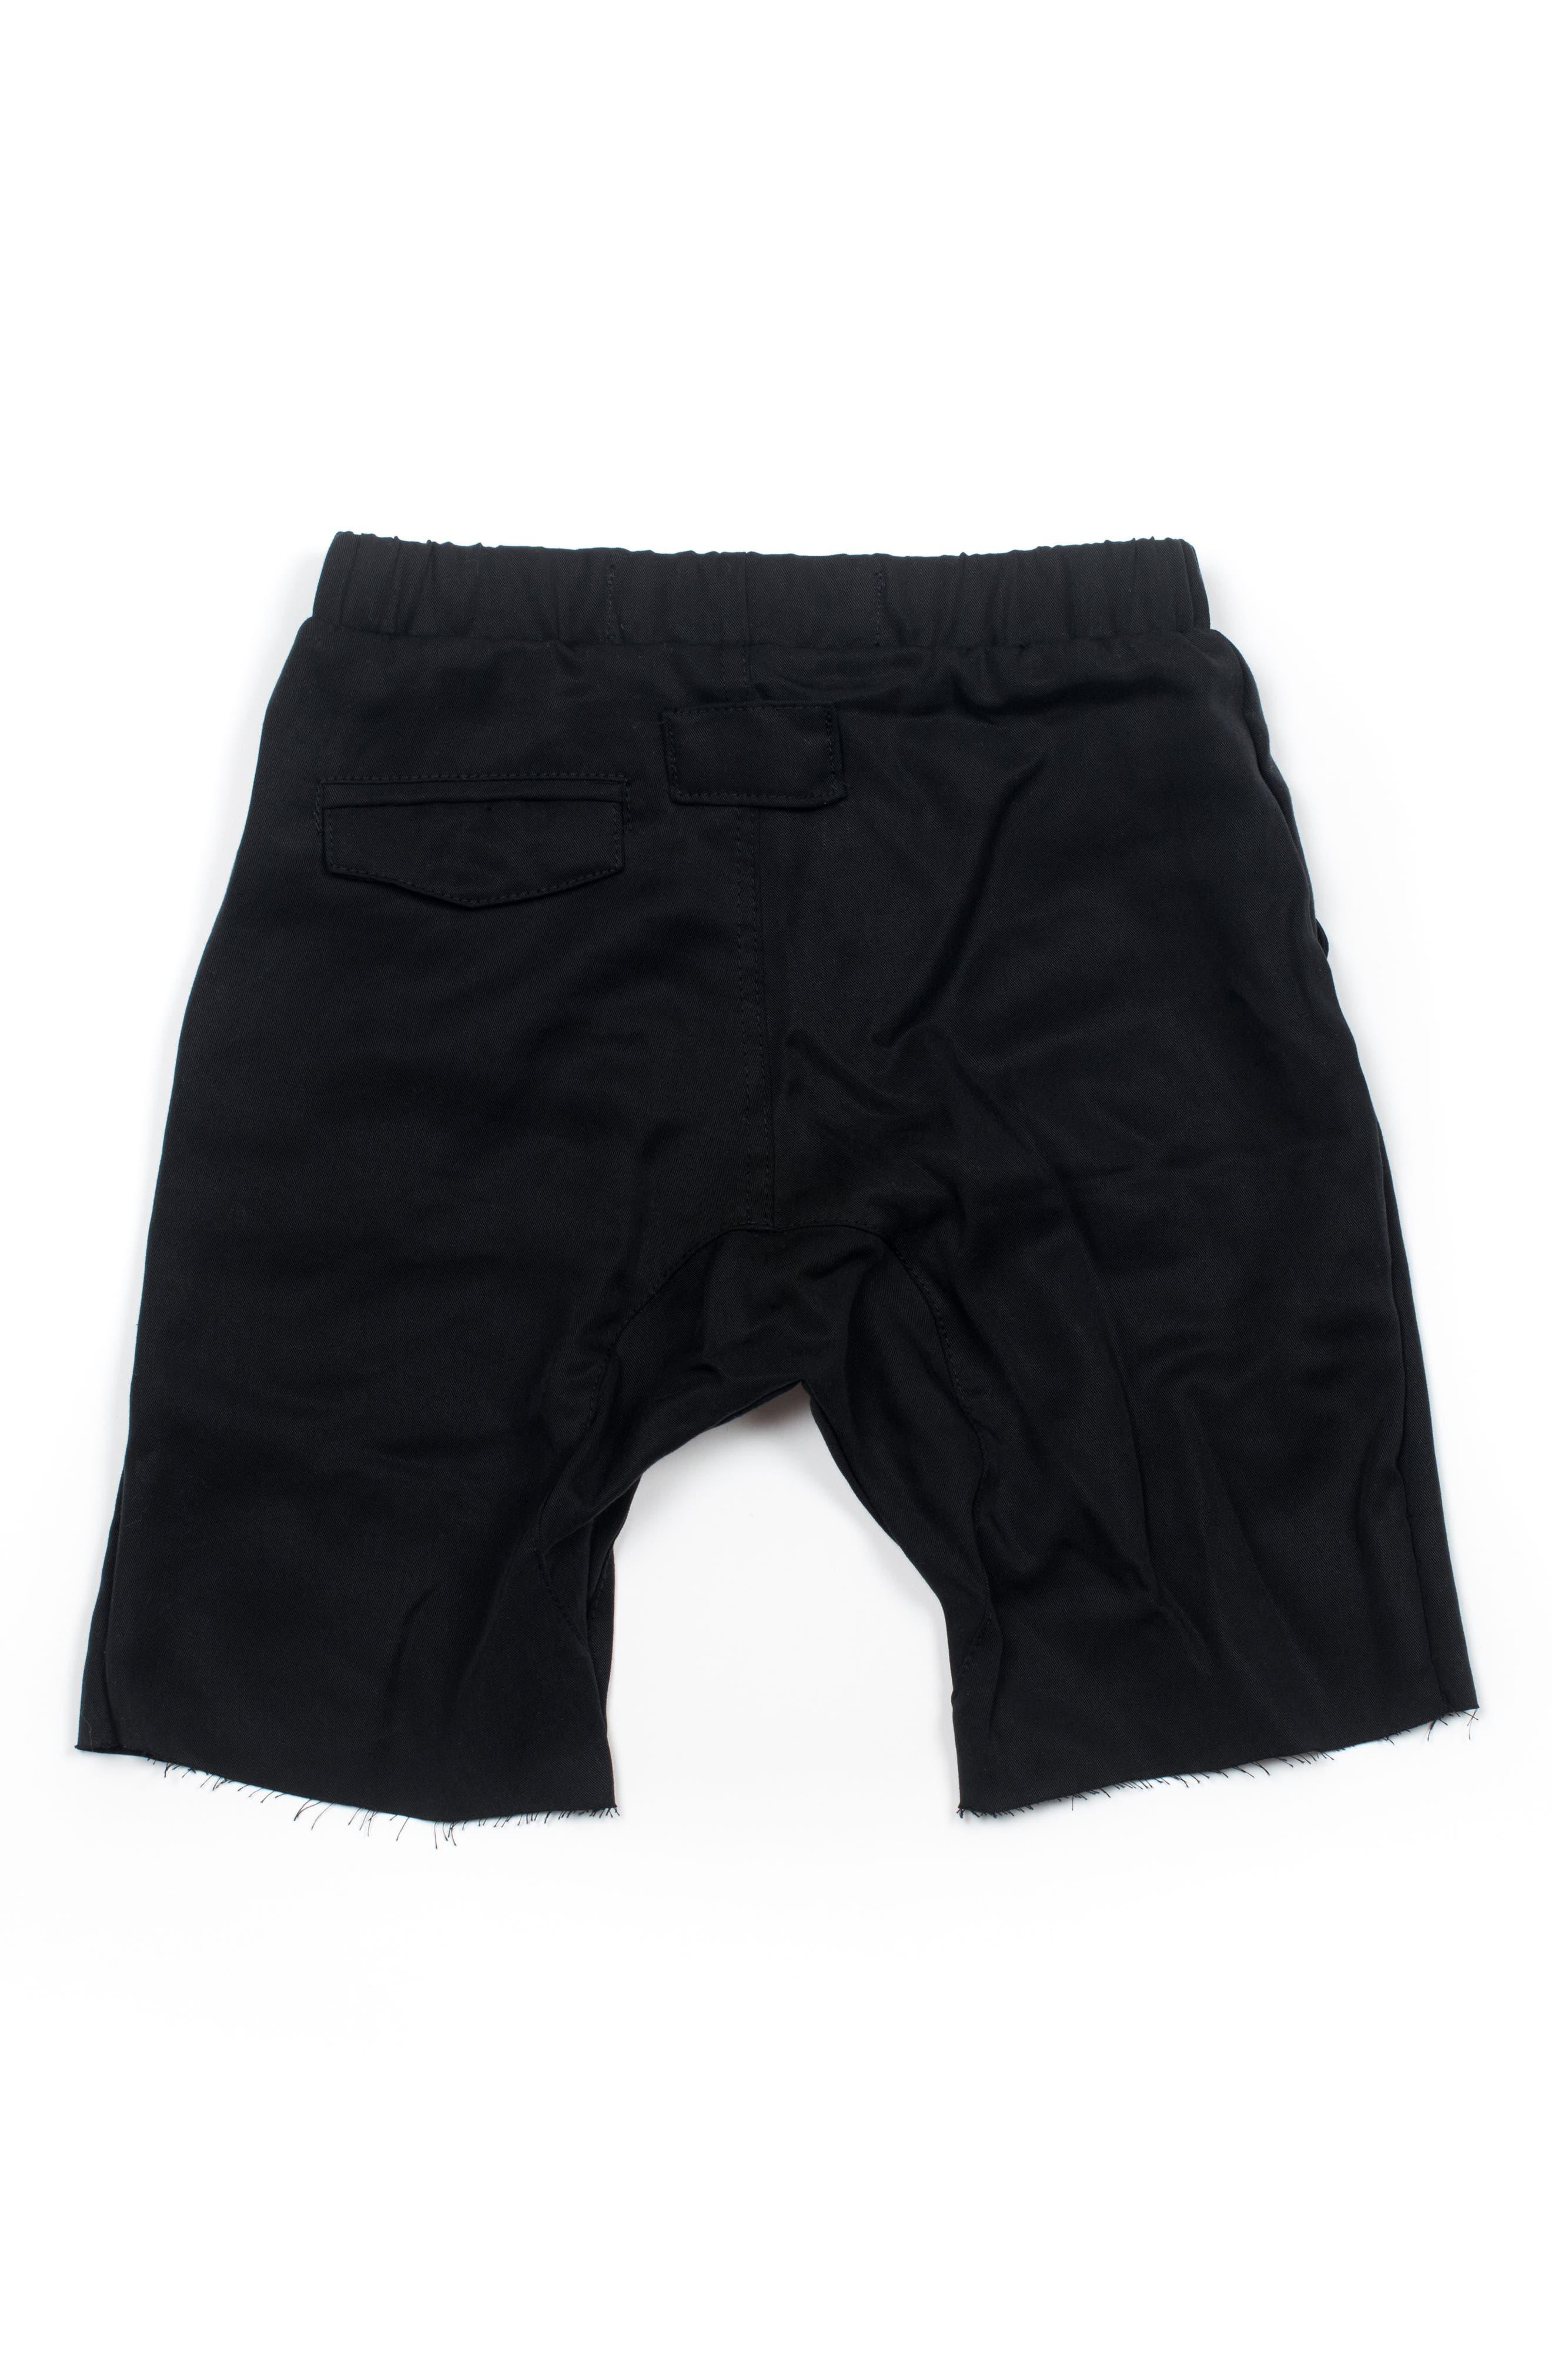 Shorts,                             Alternate thumbnail 2, color,                             001